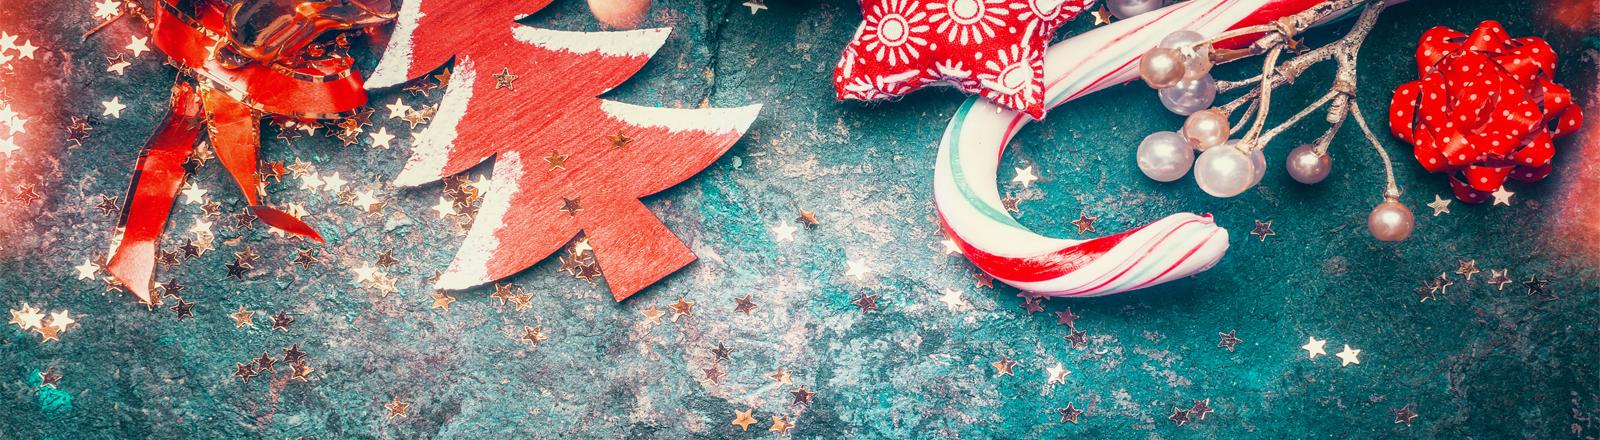 Weihnachtsdeko Kram.